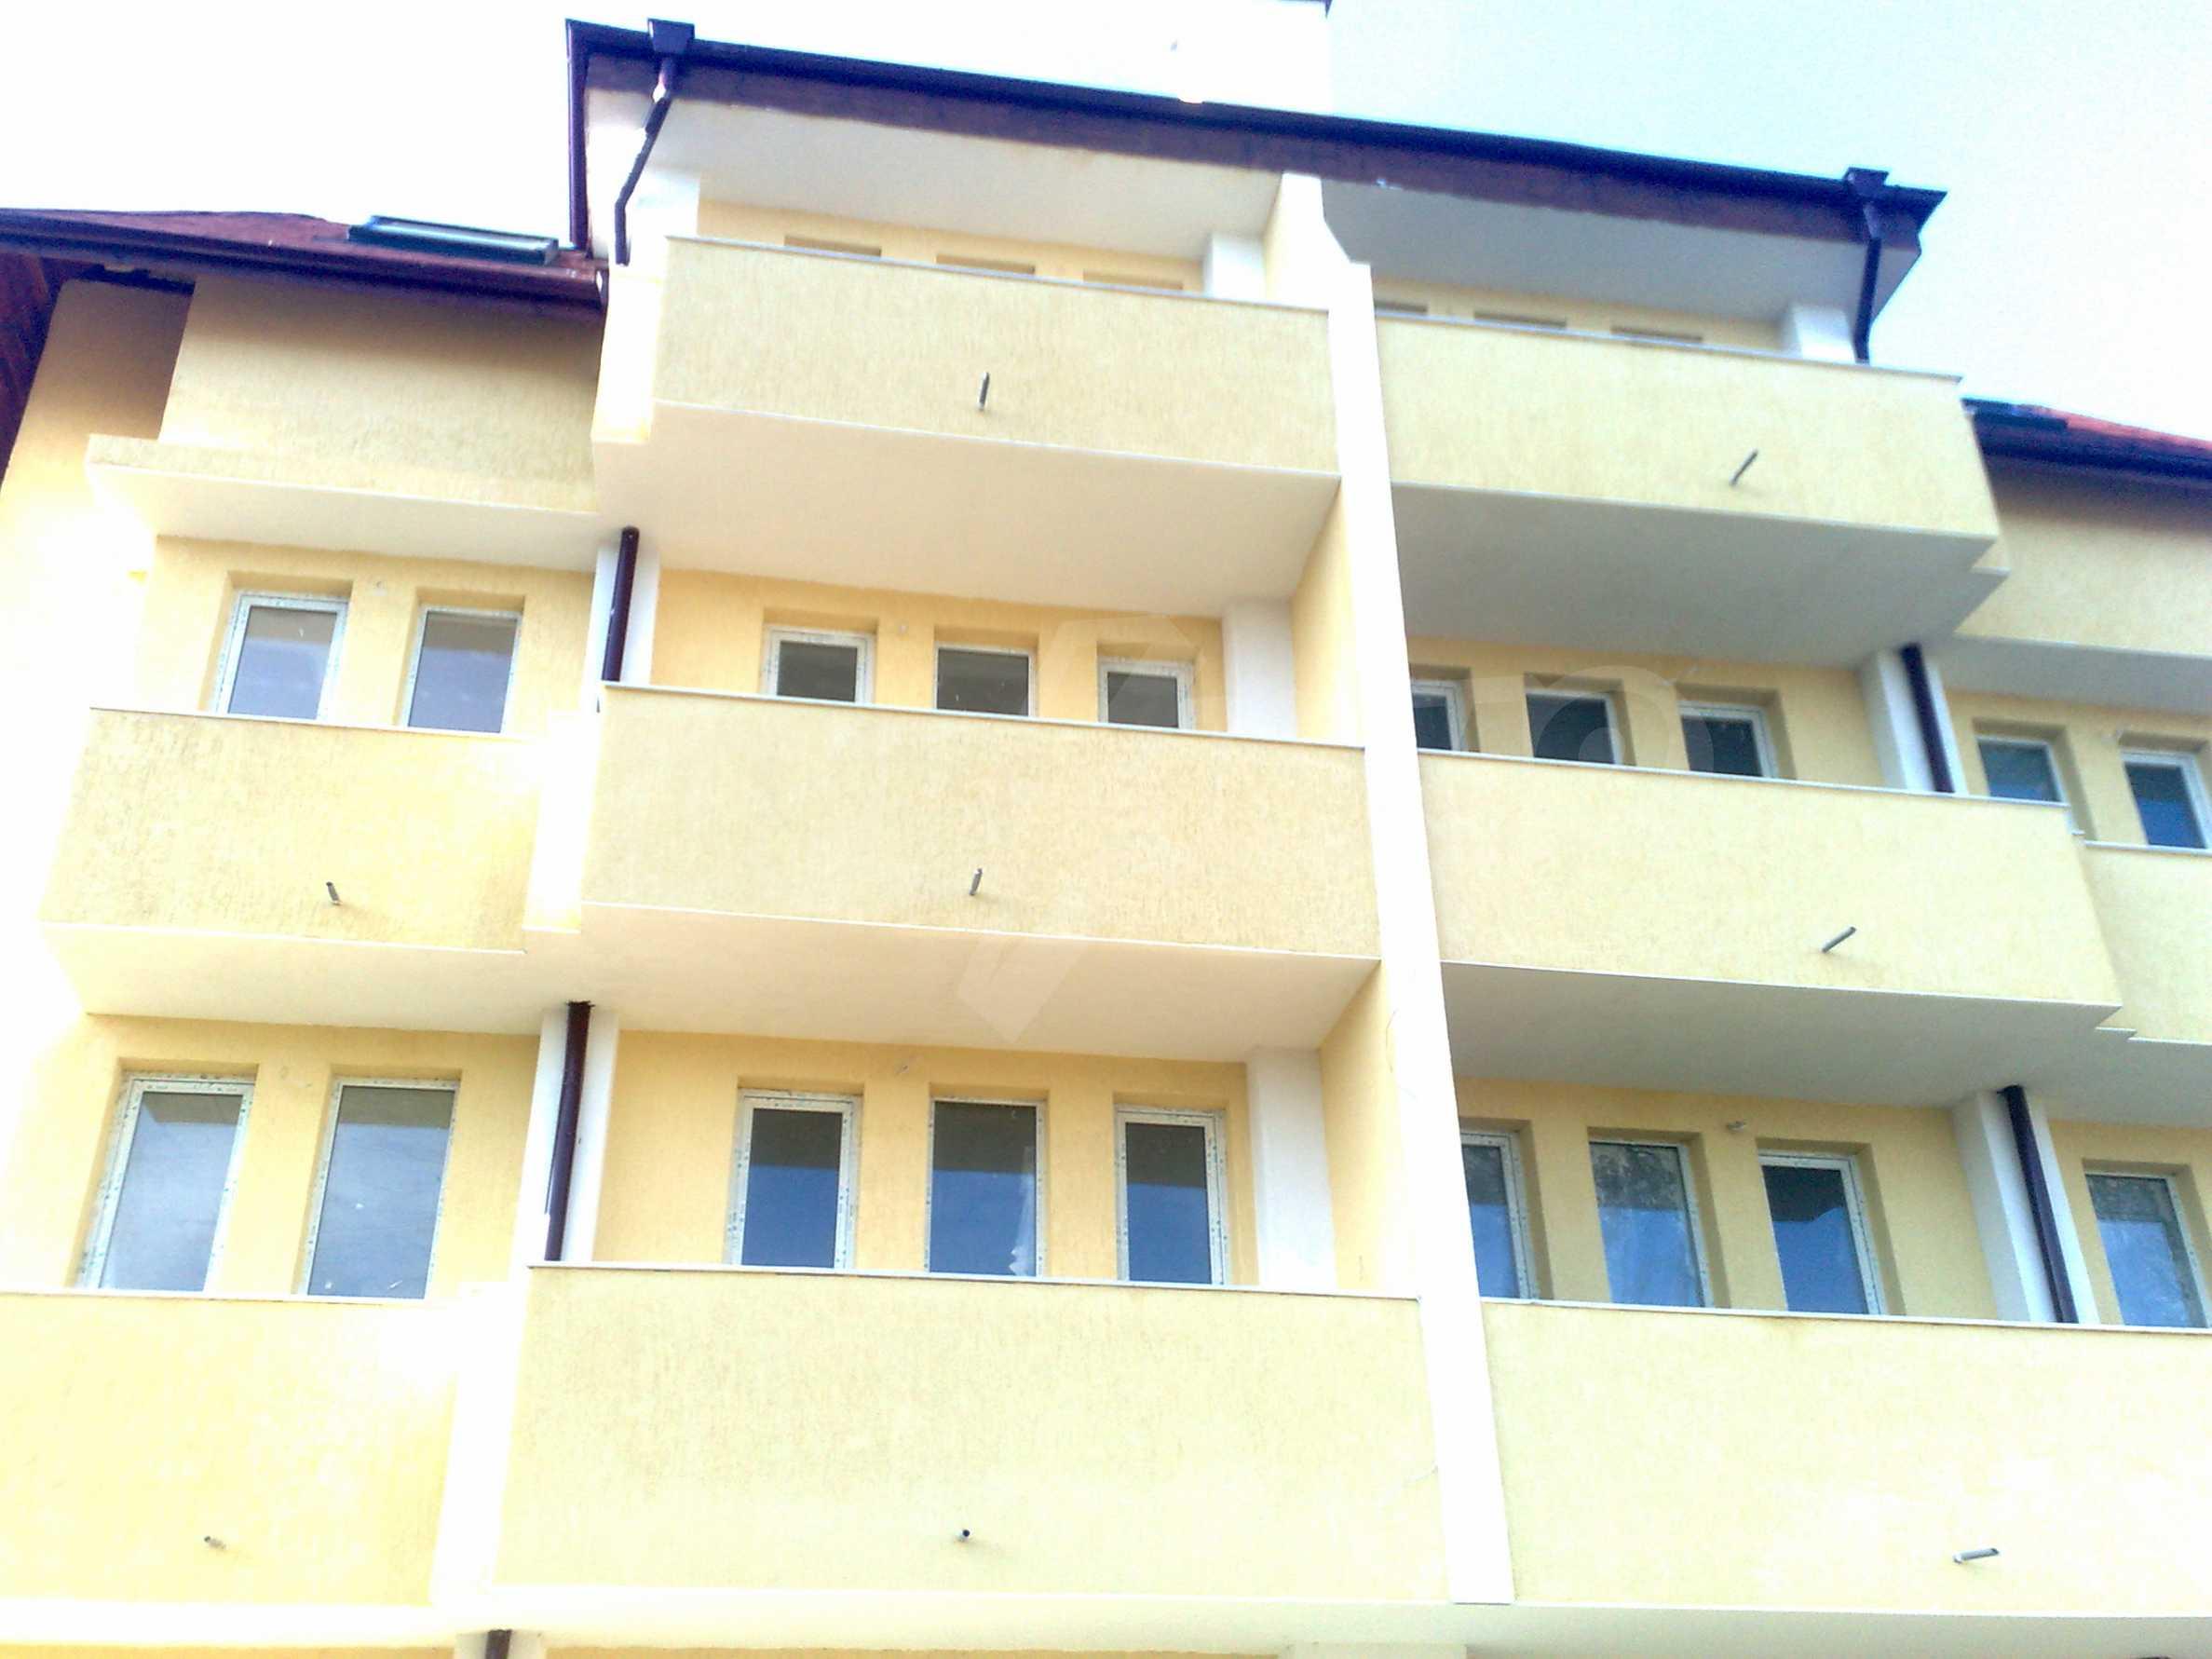 Двустаен апартамент с тераси в нова сграда до парка в центъра на Банско 5